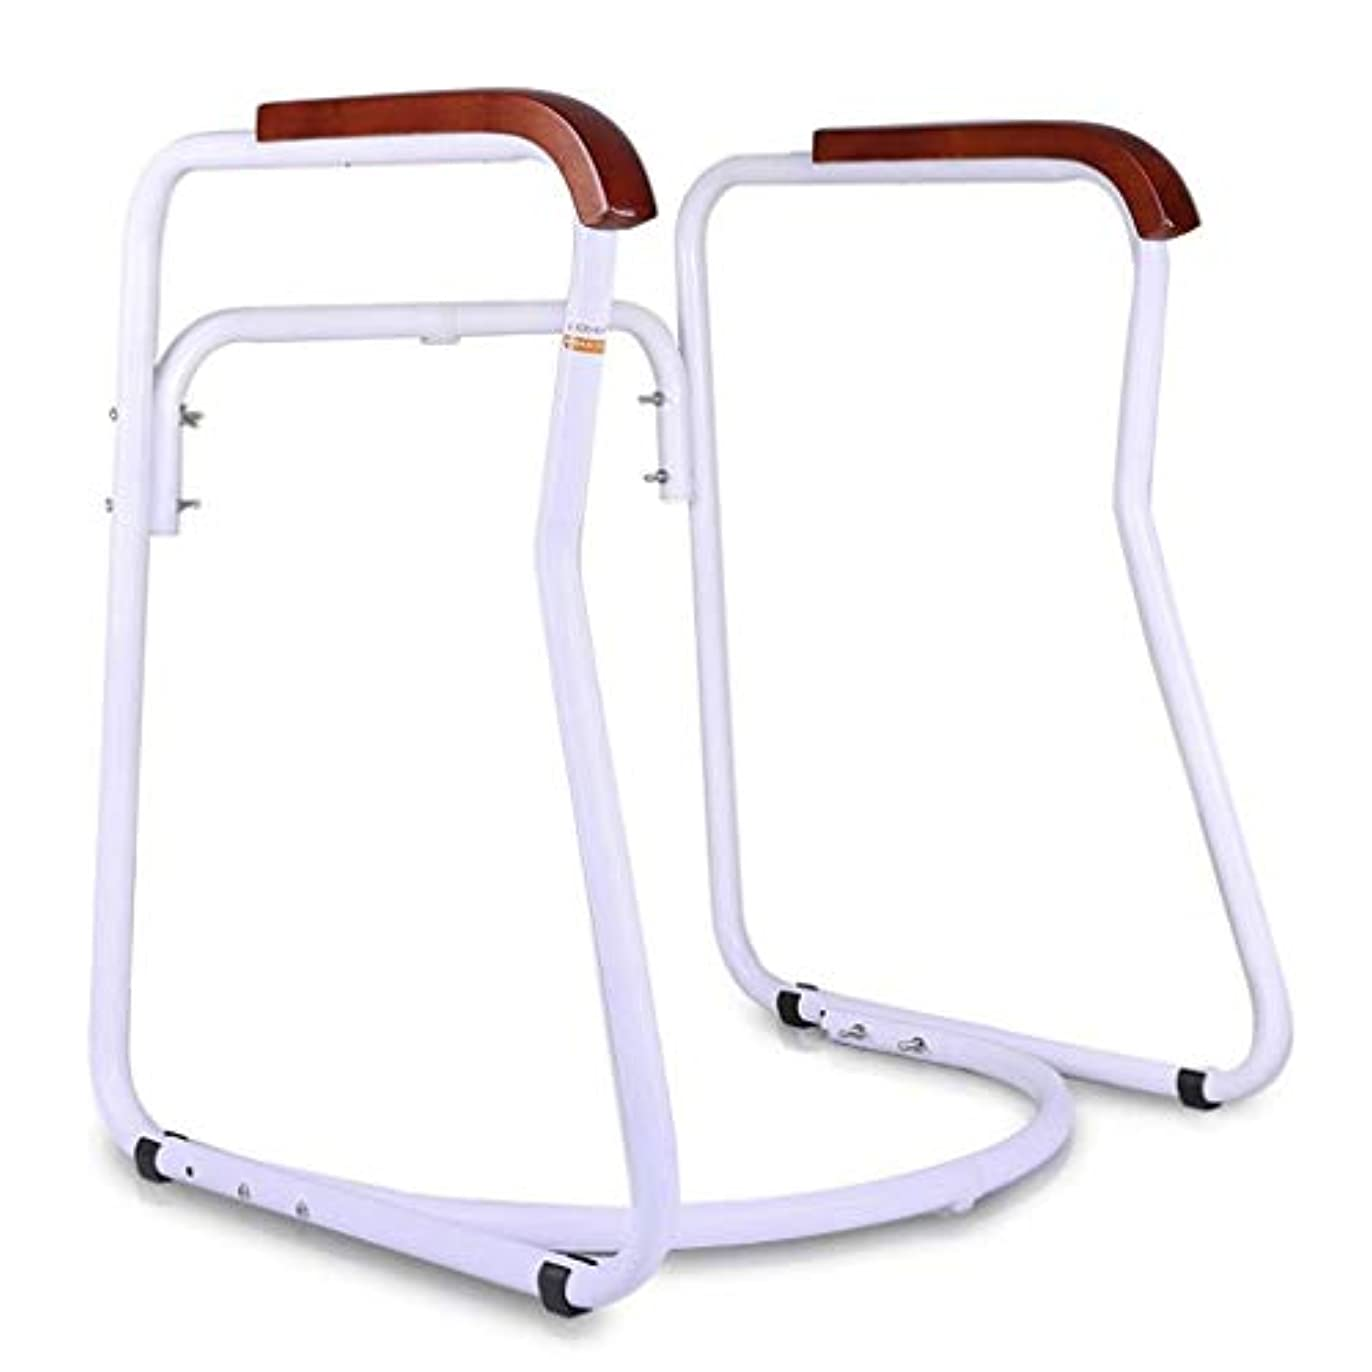 洗練された六化合物松葉杖サポート自立型トイレフレーム台形障害者向けデザイン/高齢者/高齢者/妊娠中の女性ウォーキングスティック